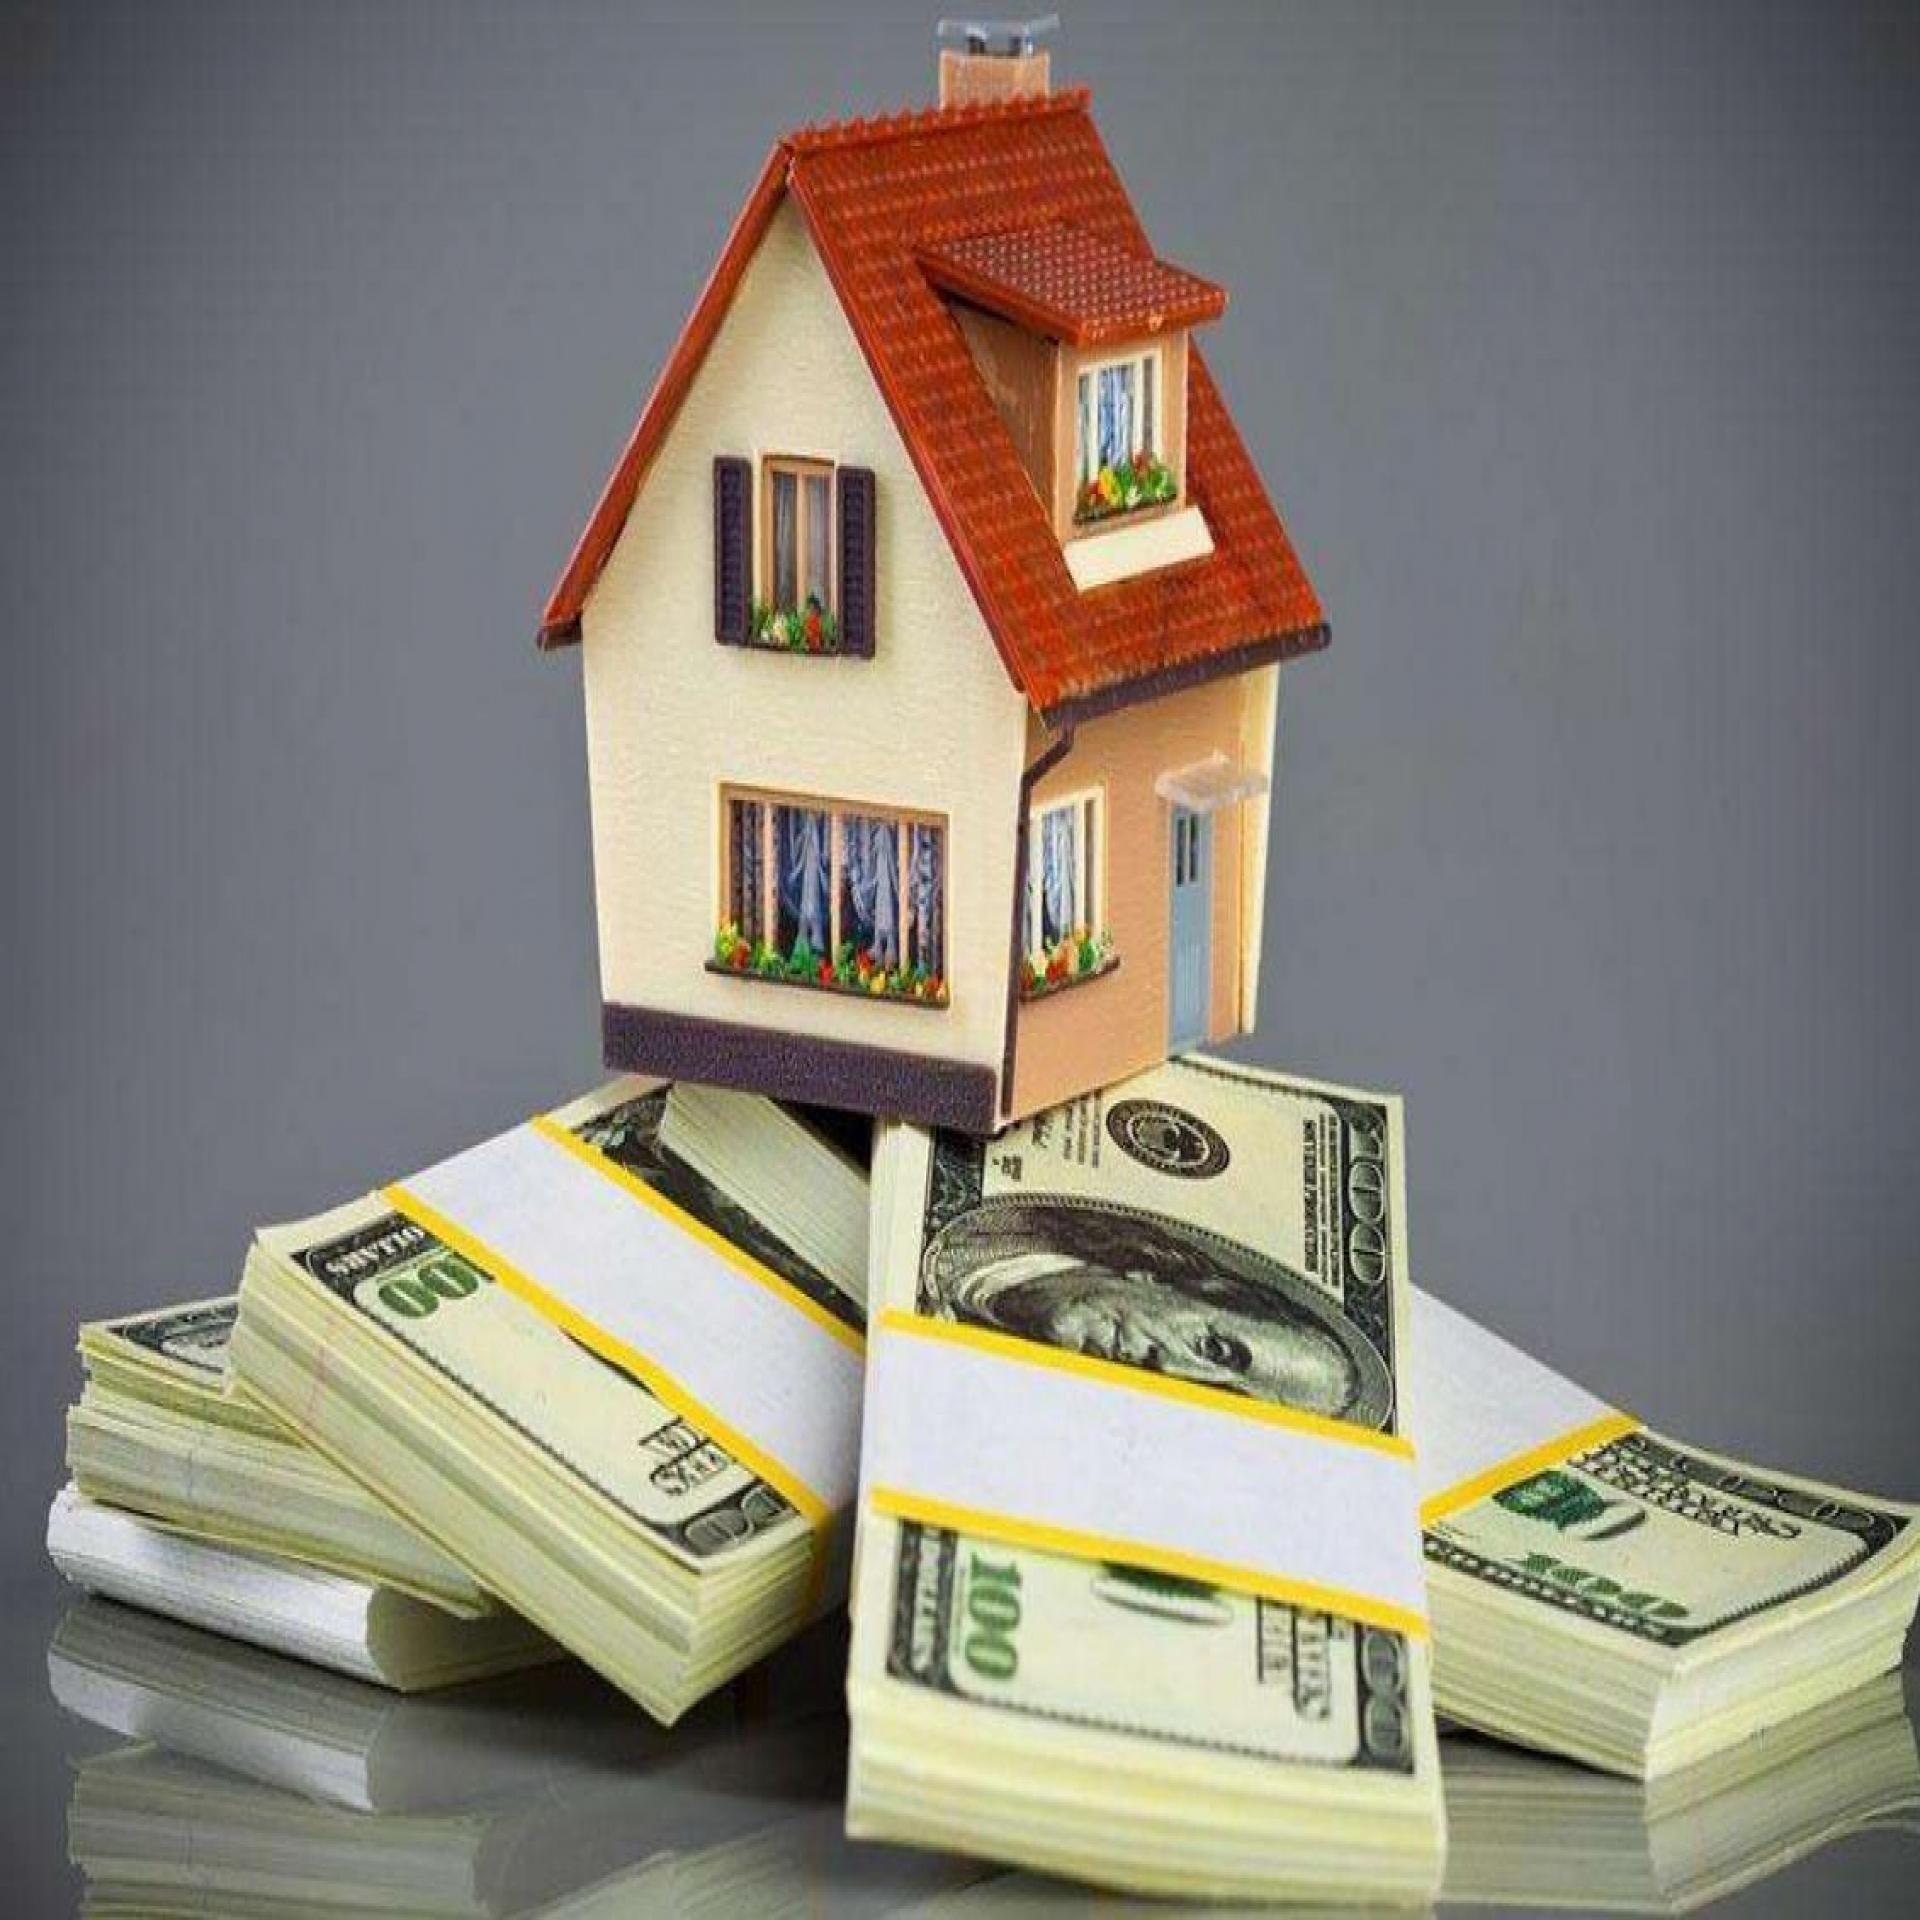 一房二卖的法律后果有哪